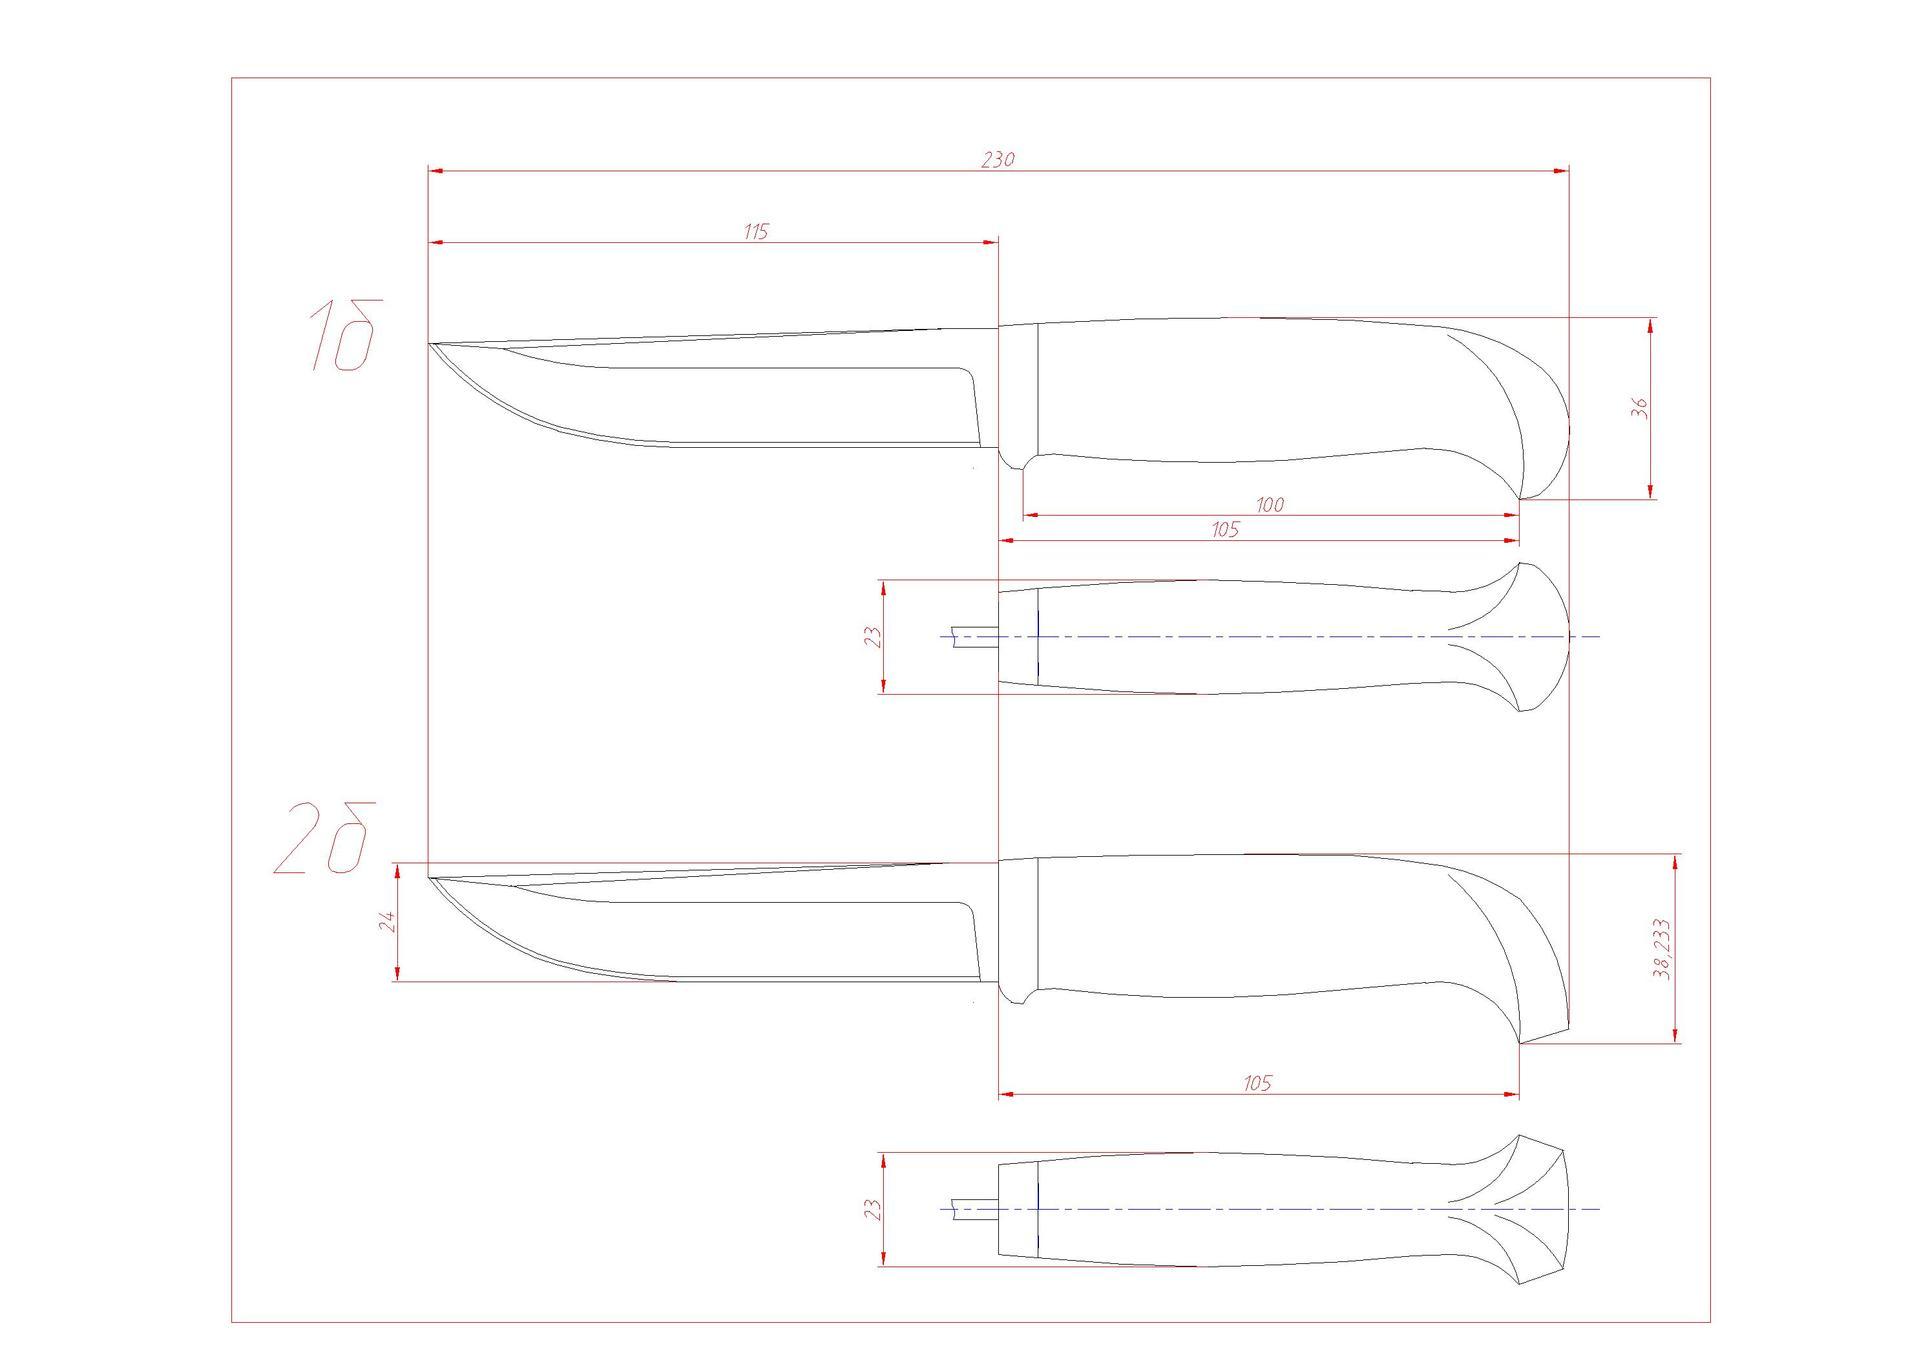 Монтаж рукояти ножа: накладной и всадной методы крепления и пошаговая инструкция